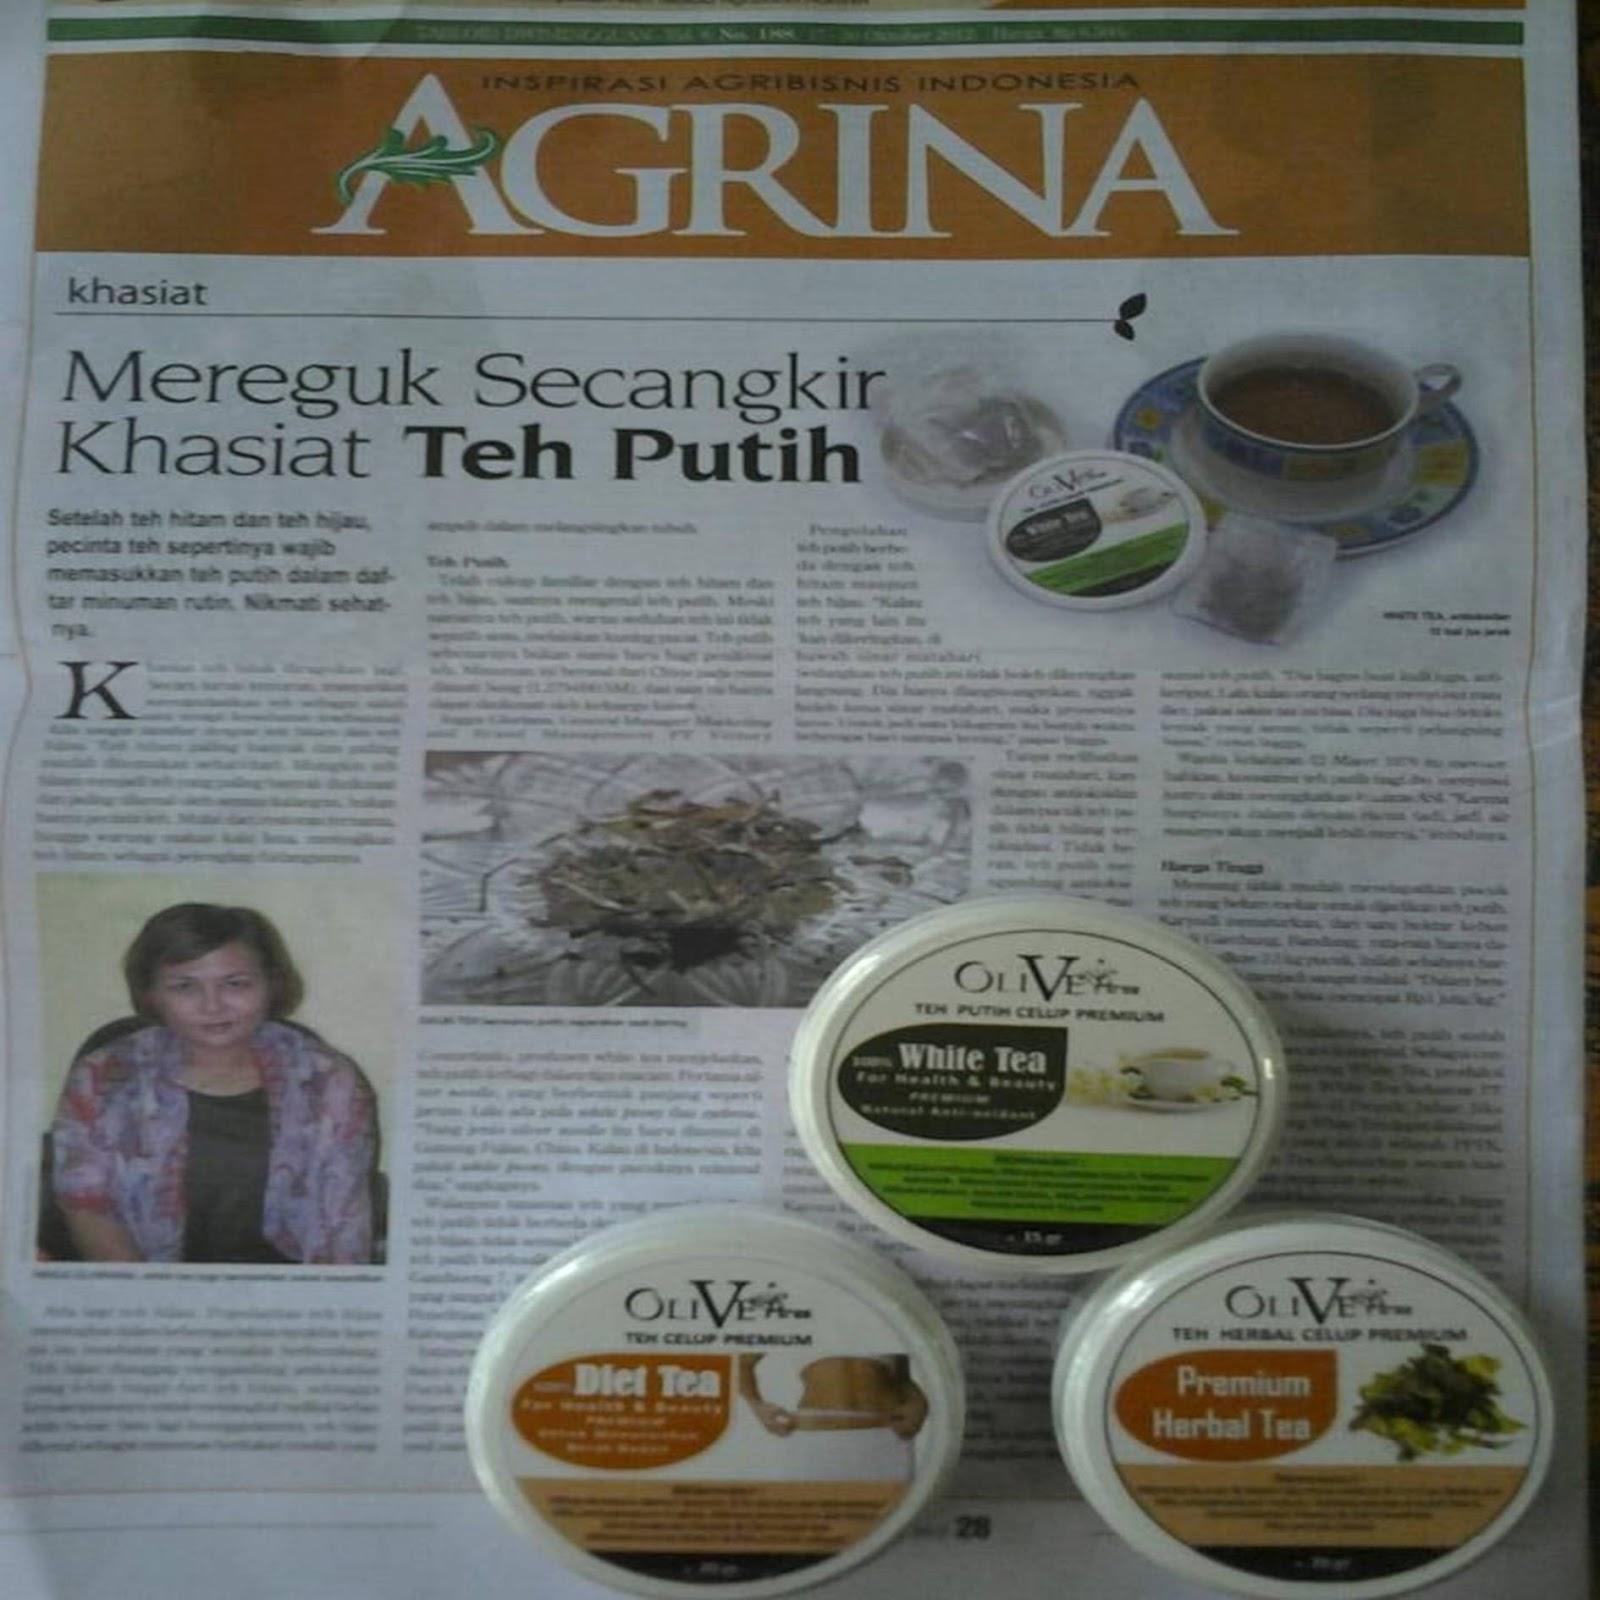 Teh Kesehatan, Teh Hijau Diet, Diet Sehat Alami, herbal tea